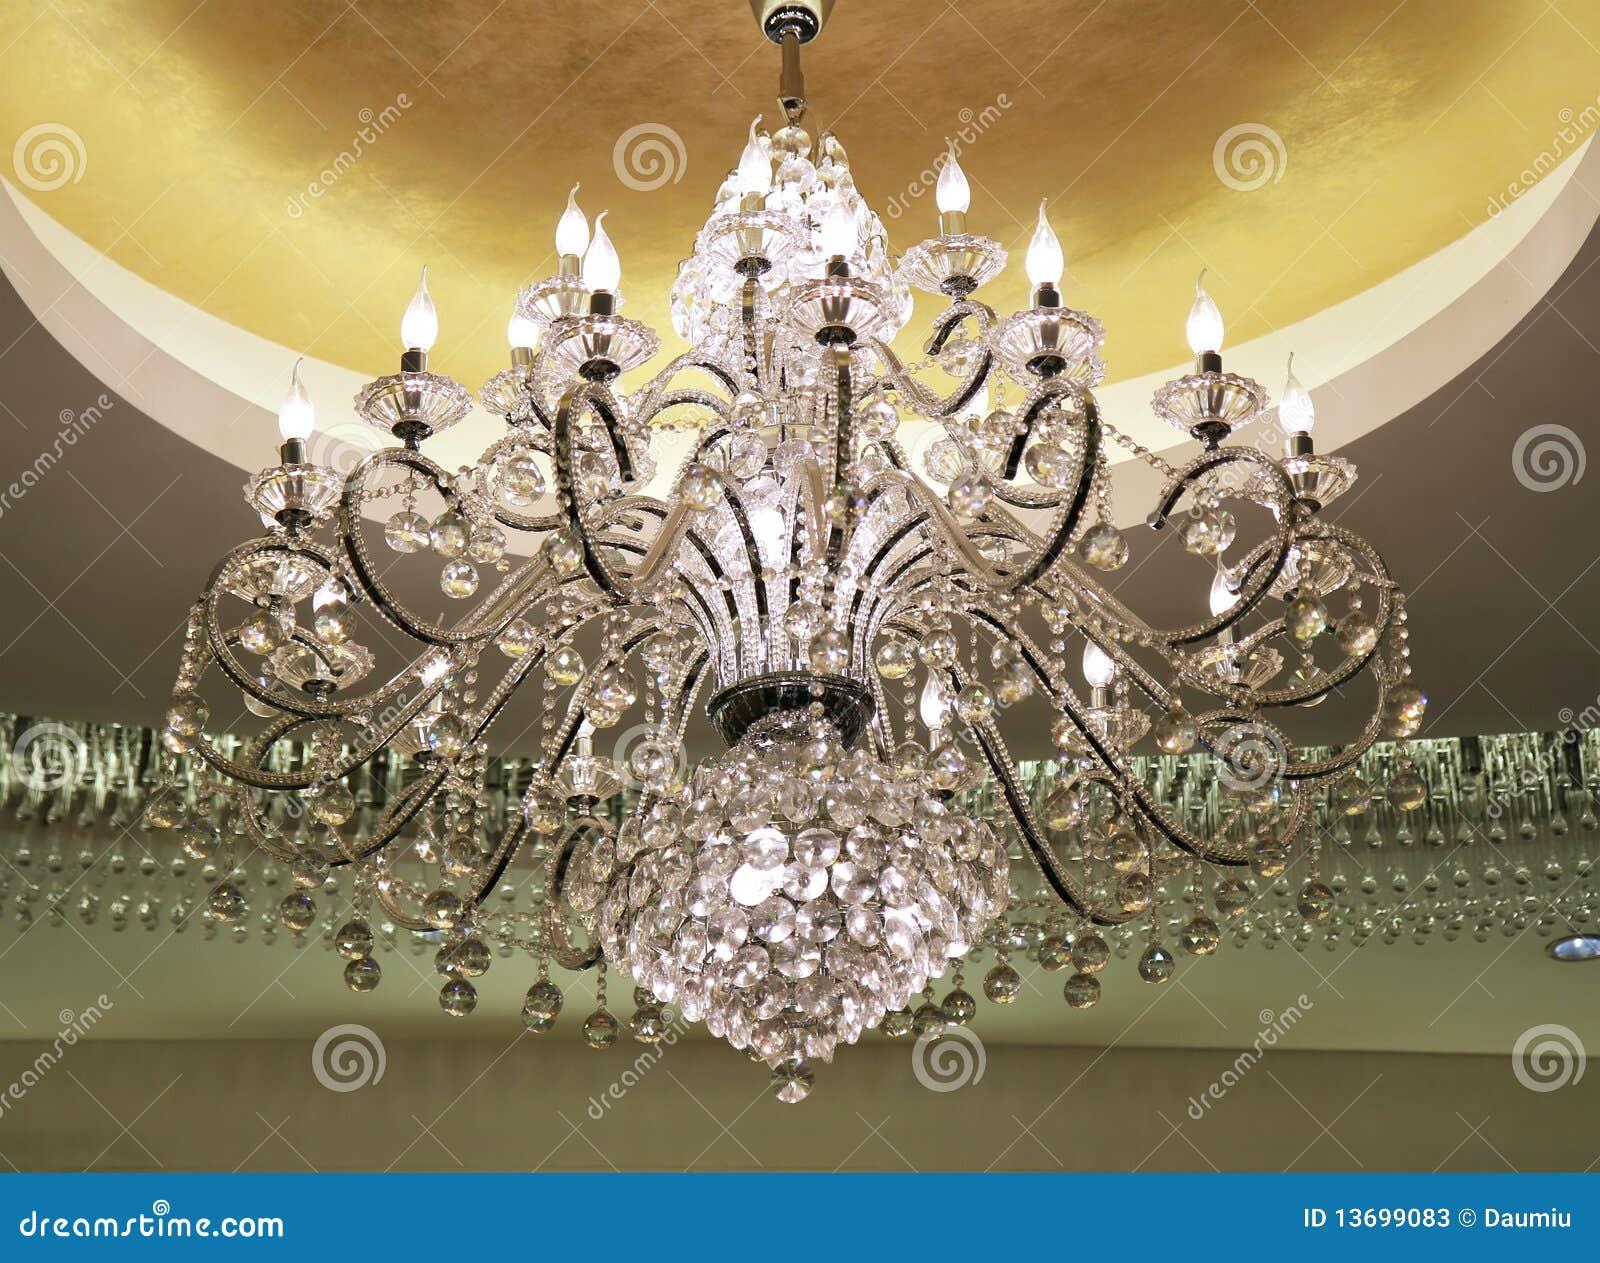 kristallleuchter stockbild bild von gelb ausr stung. Black Bedroom Furniture Sets. Home Design Ideas